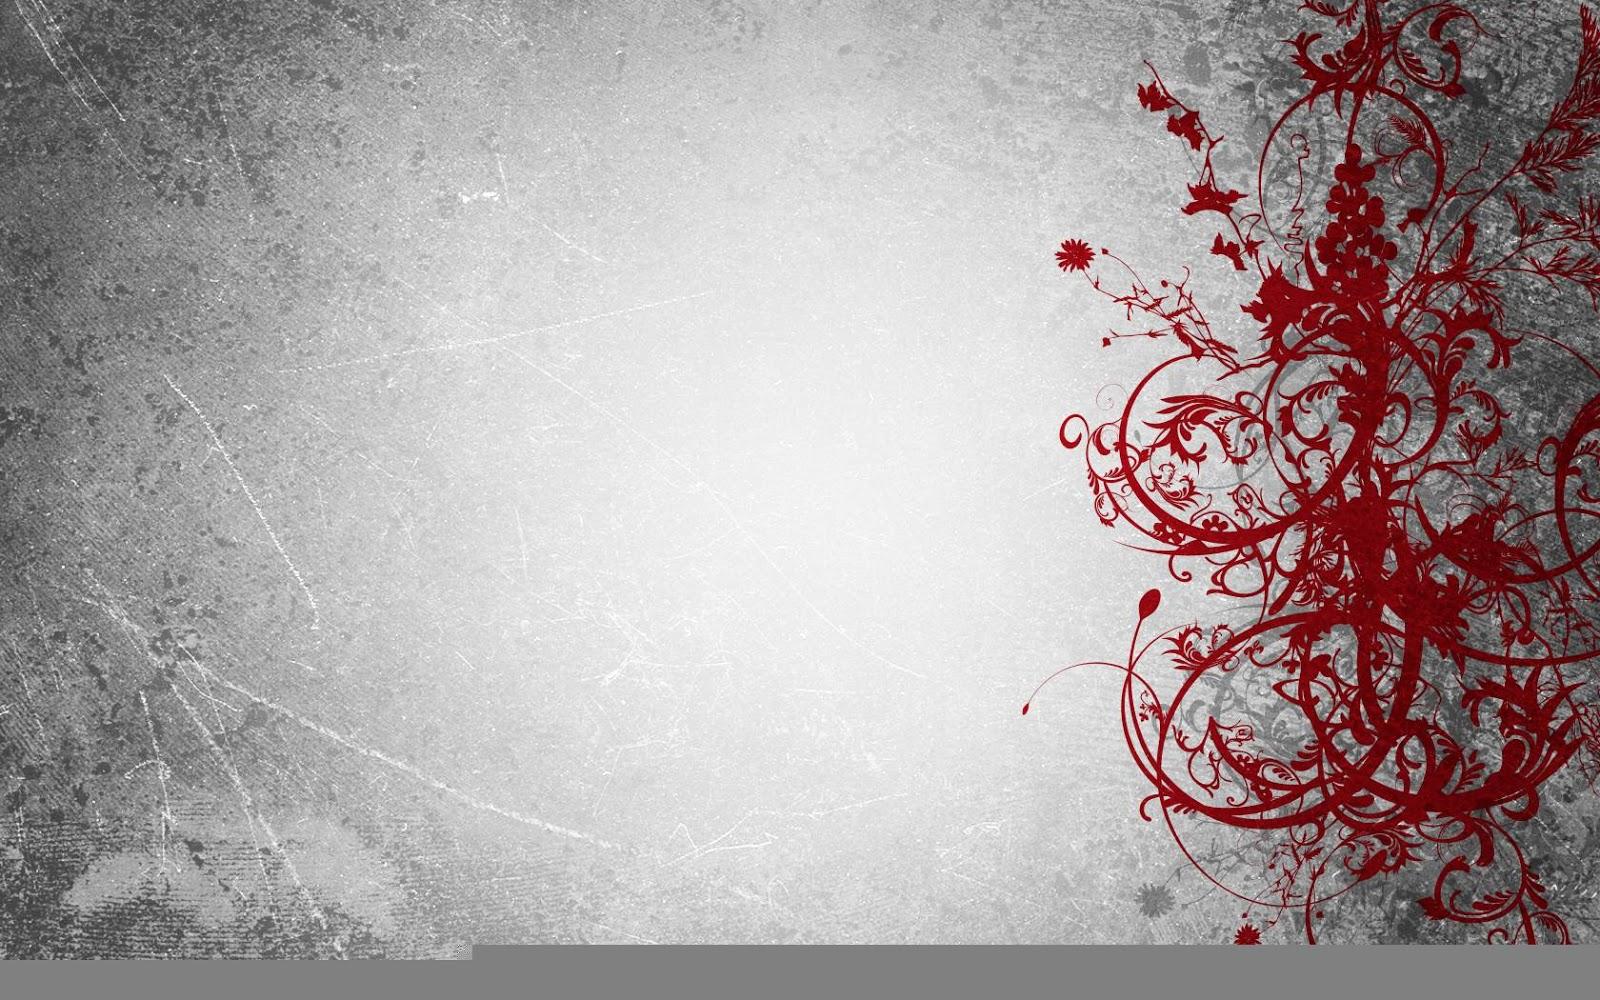 http://1.bp.blogspot.com/-SvdCBylthfE/UJy_za4Q8nI/AAAAAAACO7I/4H6o6ZpvA1M/s1600/Magazines-24+(4).jpg